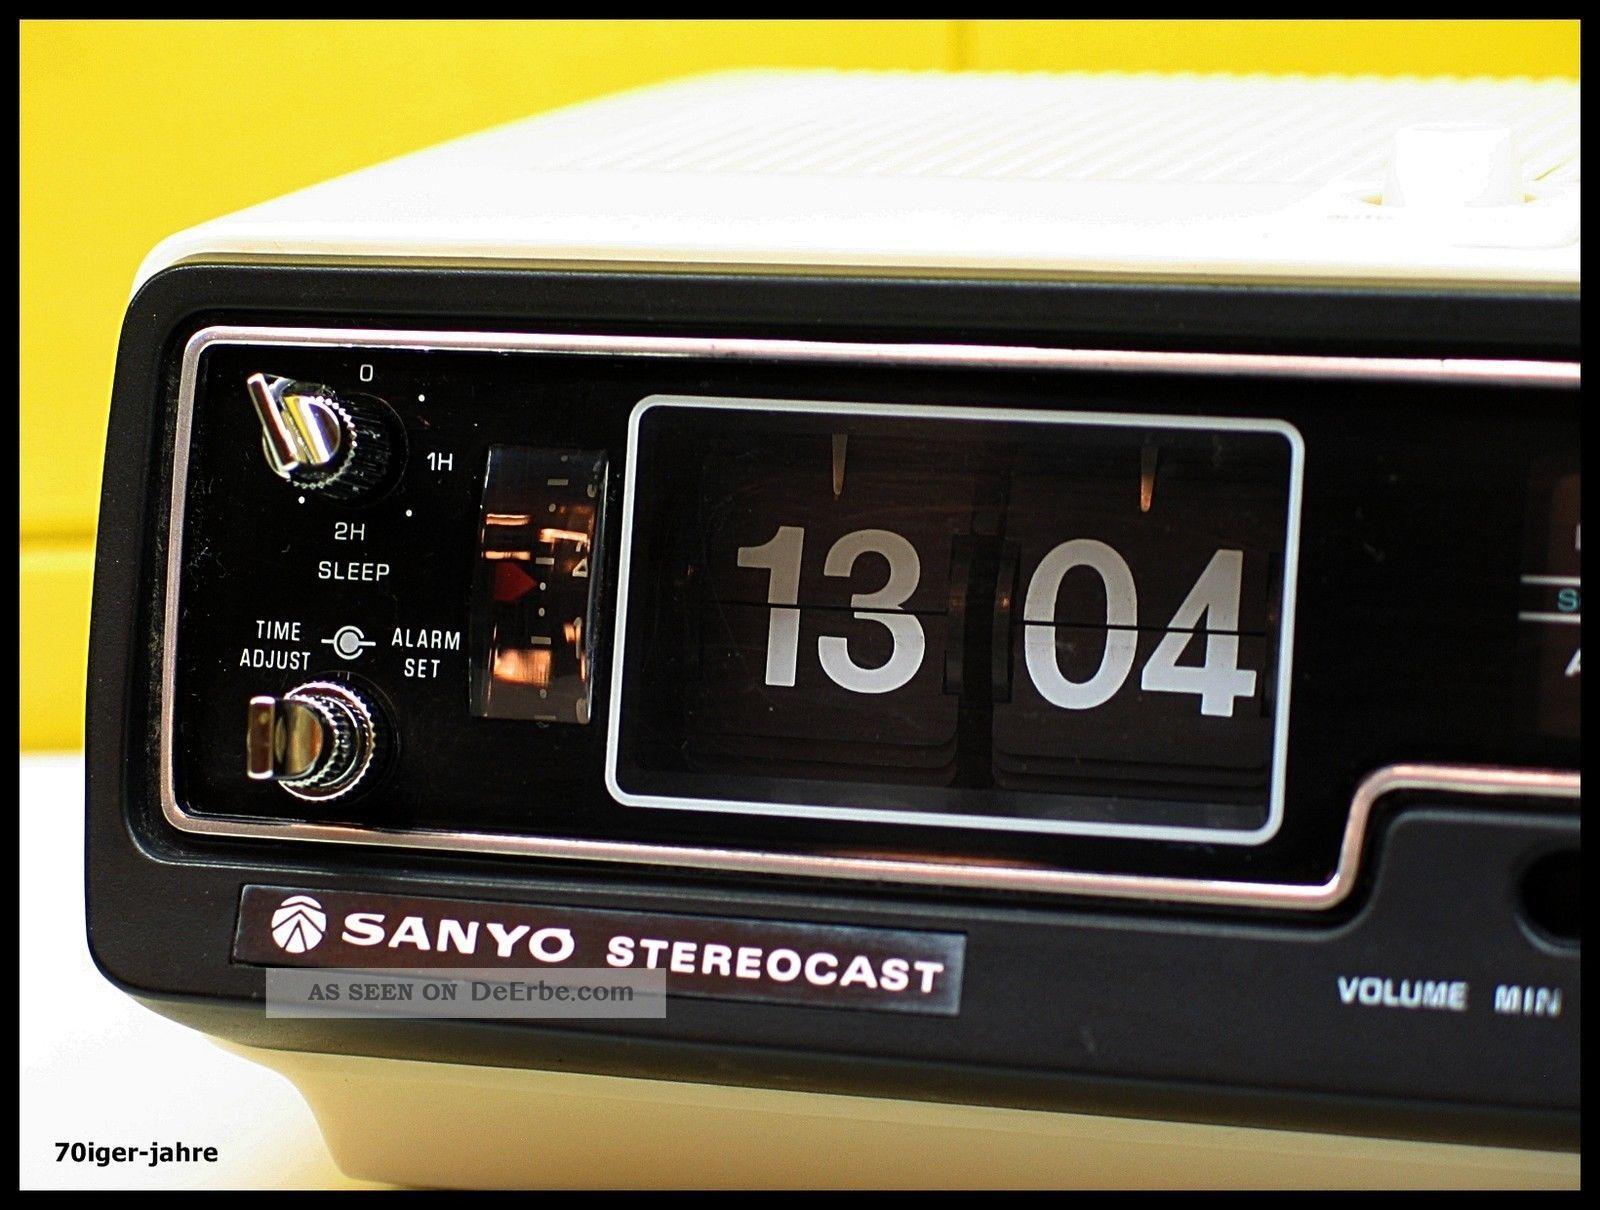 Sanyo Stereocast - Klappzahlen - Radio - Radiowecker - Wecker - Flip Clock - 70er - Vintage 1970-1979 Bild